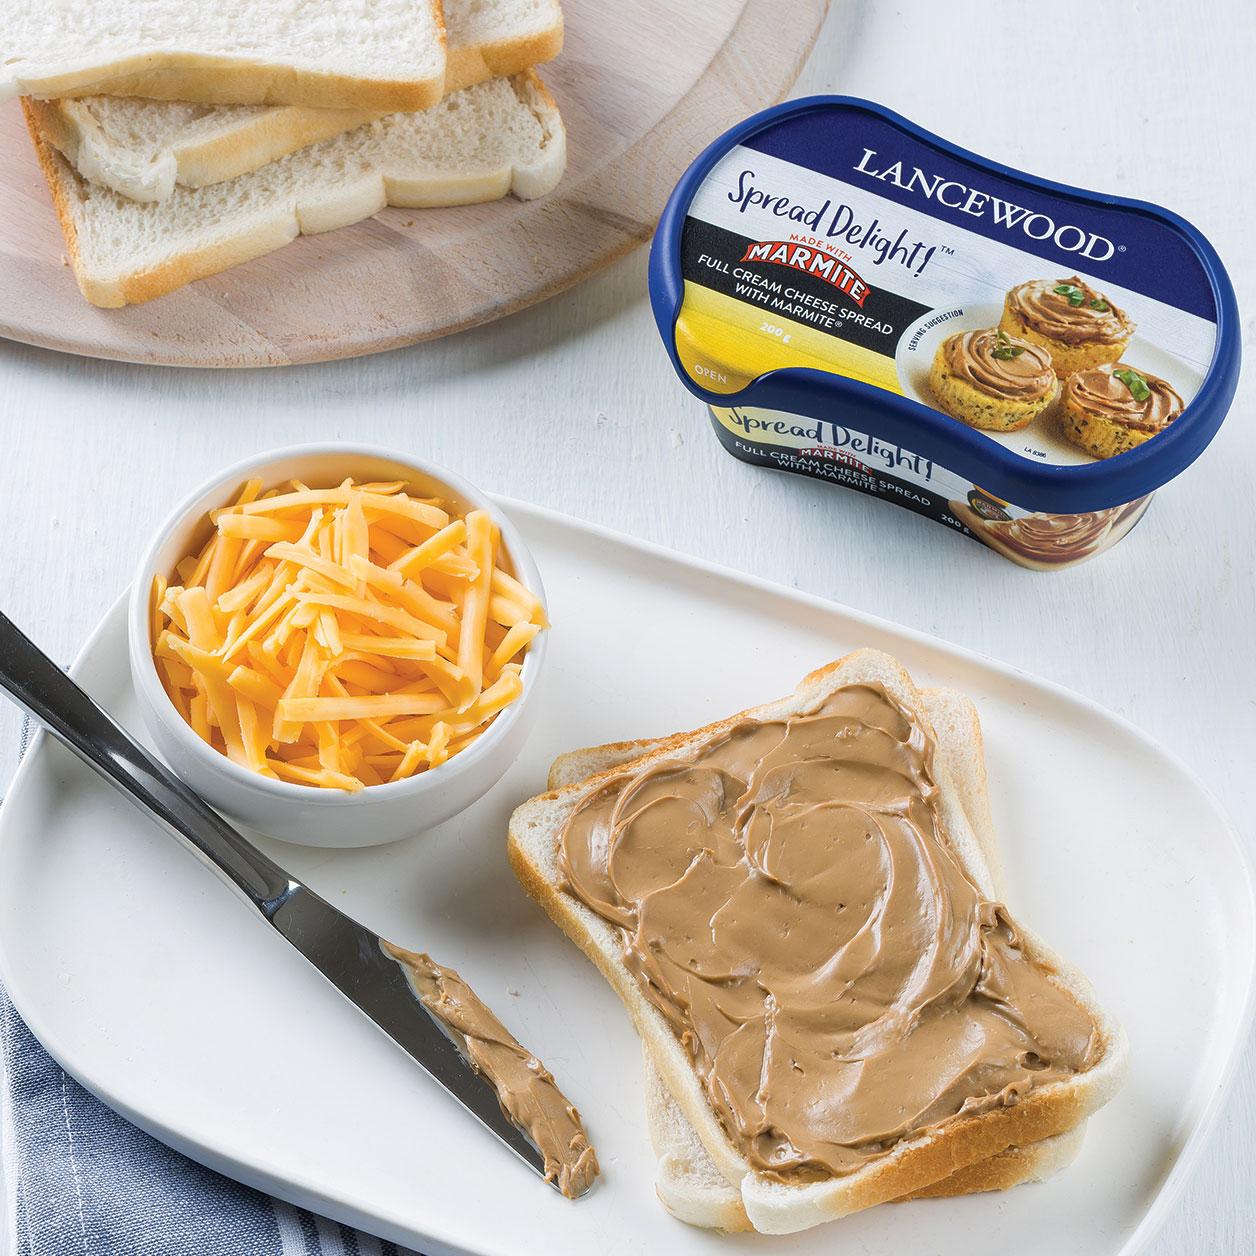 Lancewood Spread Delight Packaging, Food Packaging